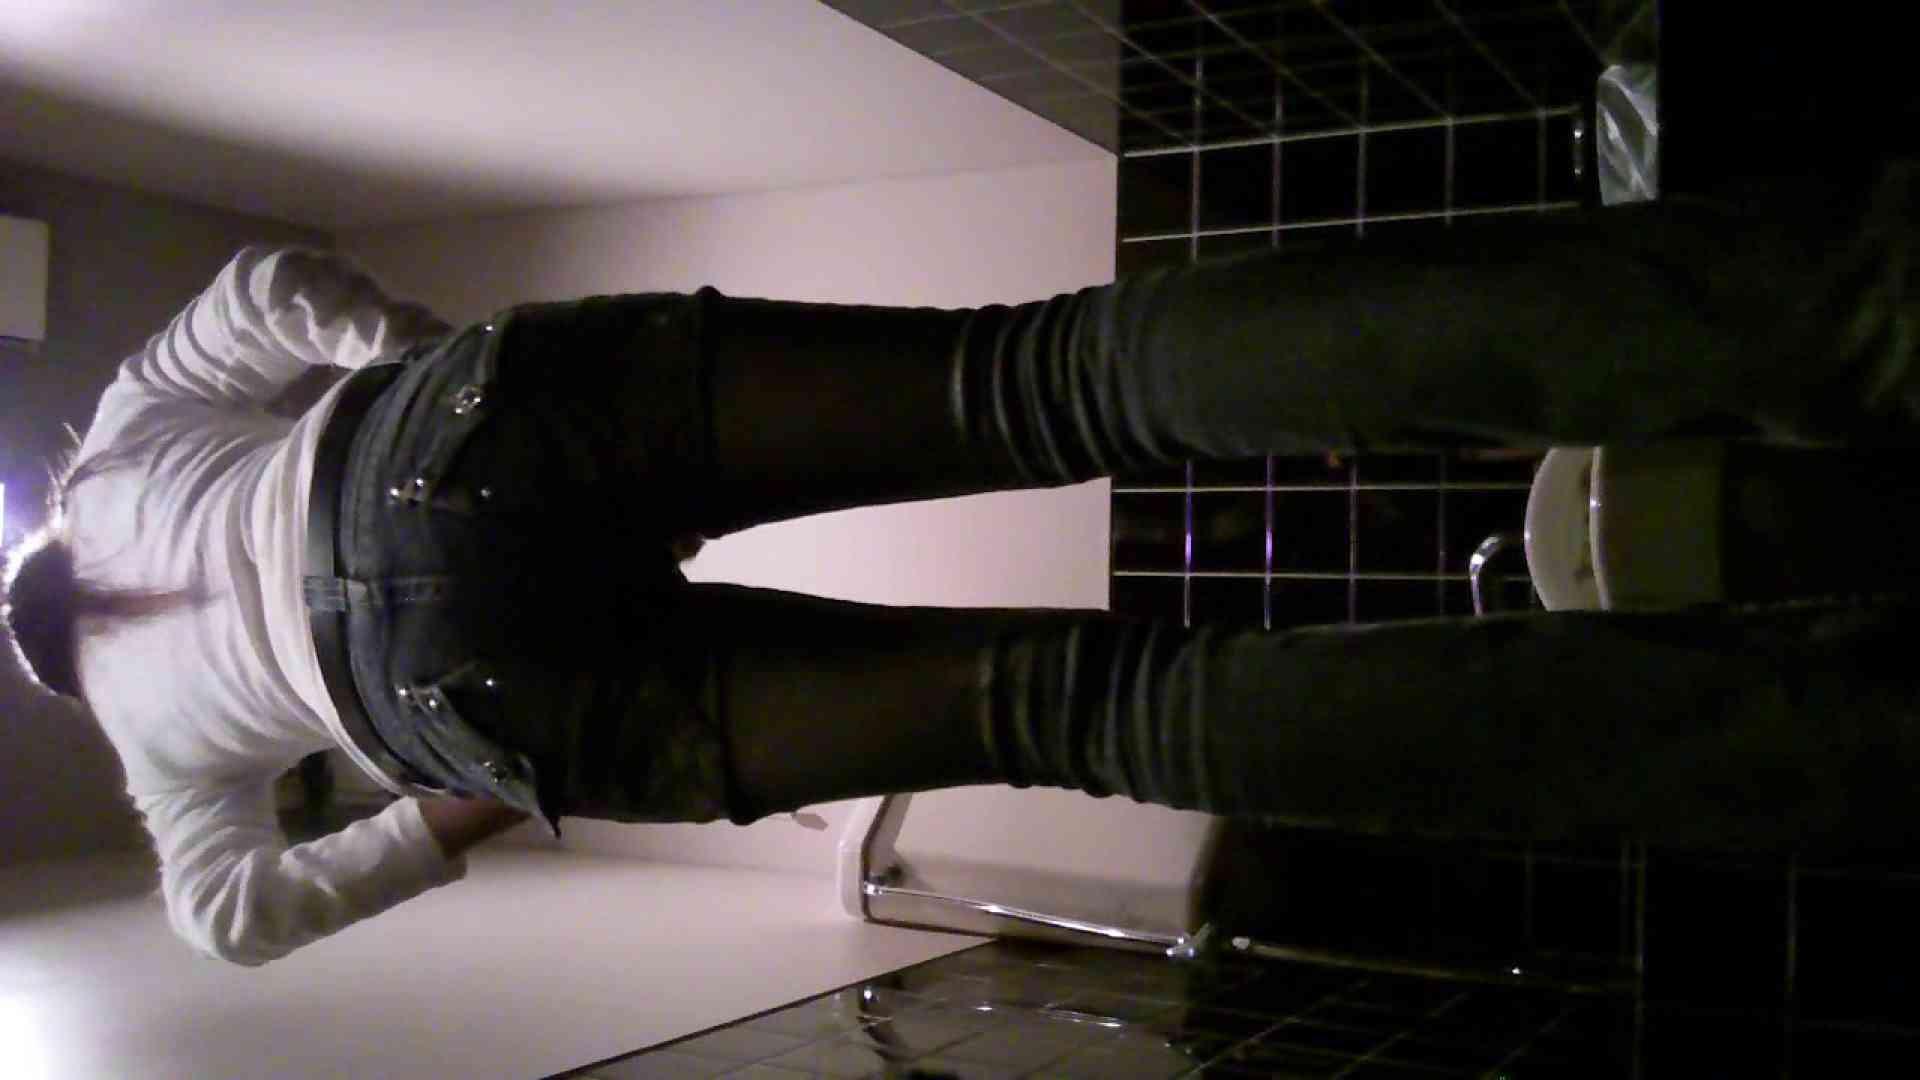 美女の集まる飲み屋洗面所 vol.01 洗面所 | OLセックス  104画像 76